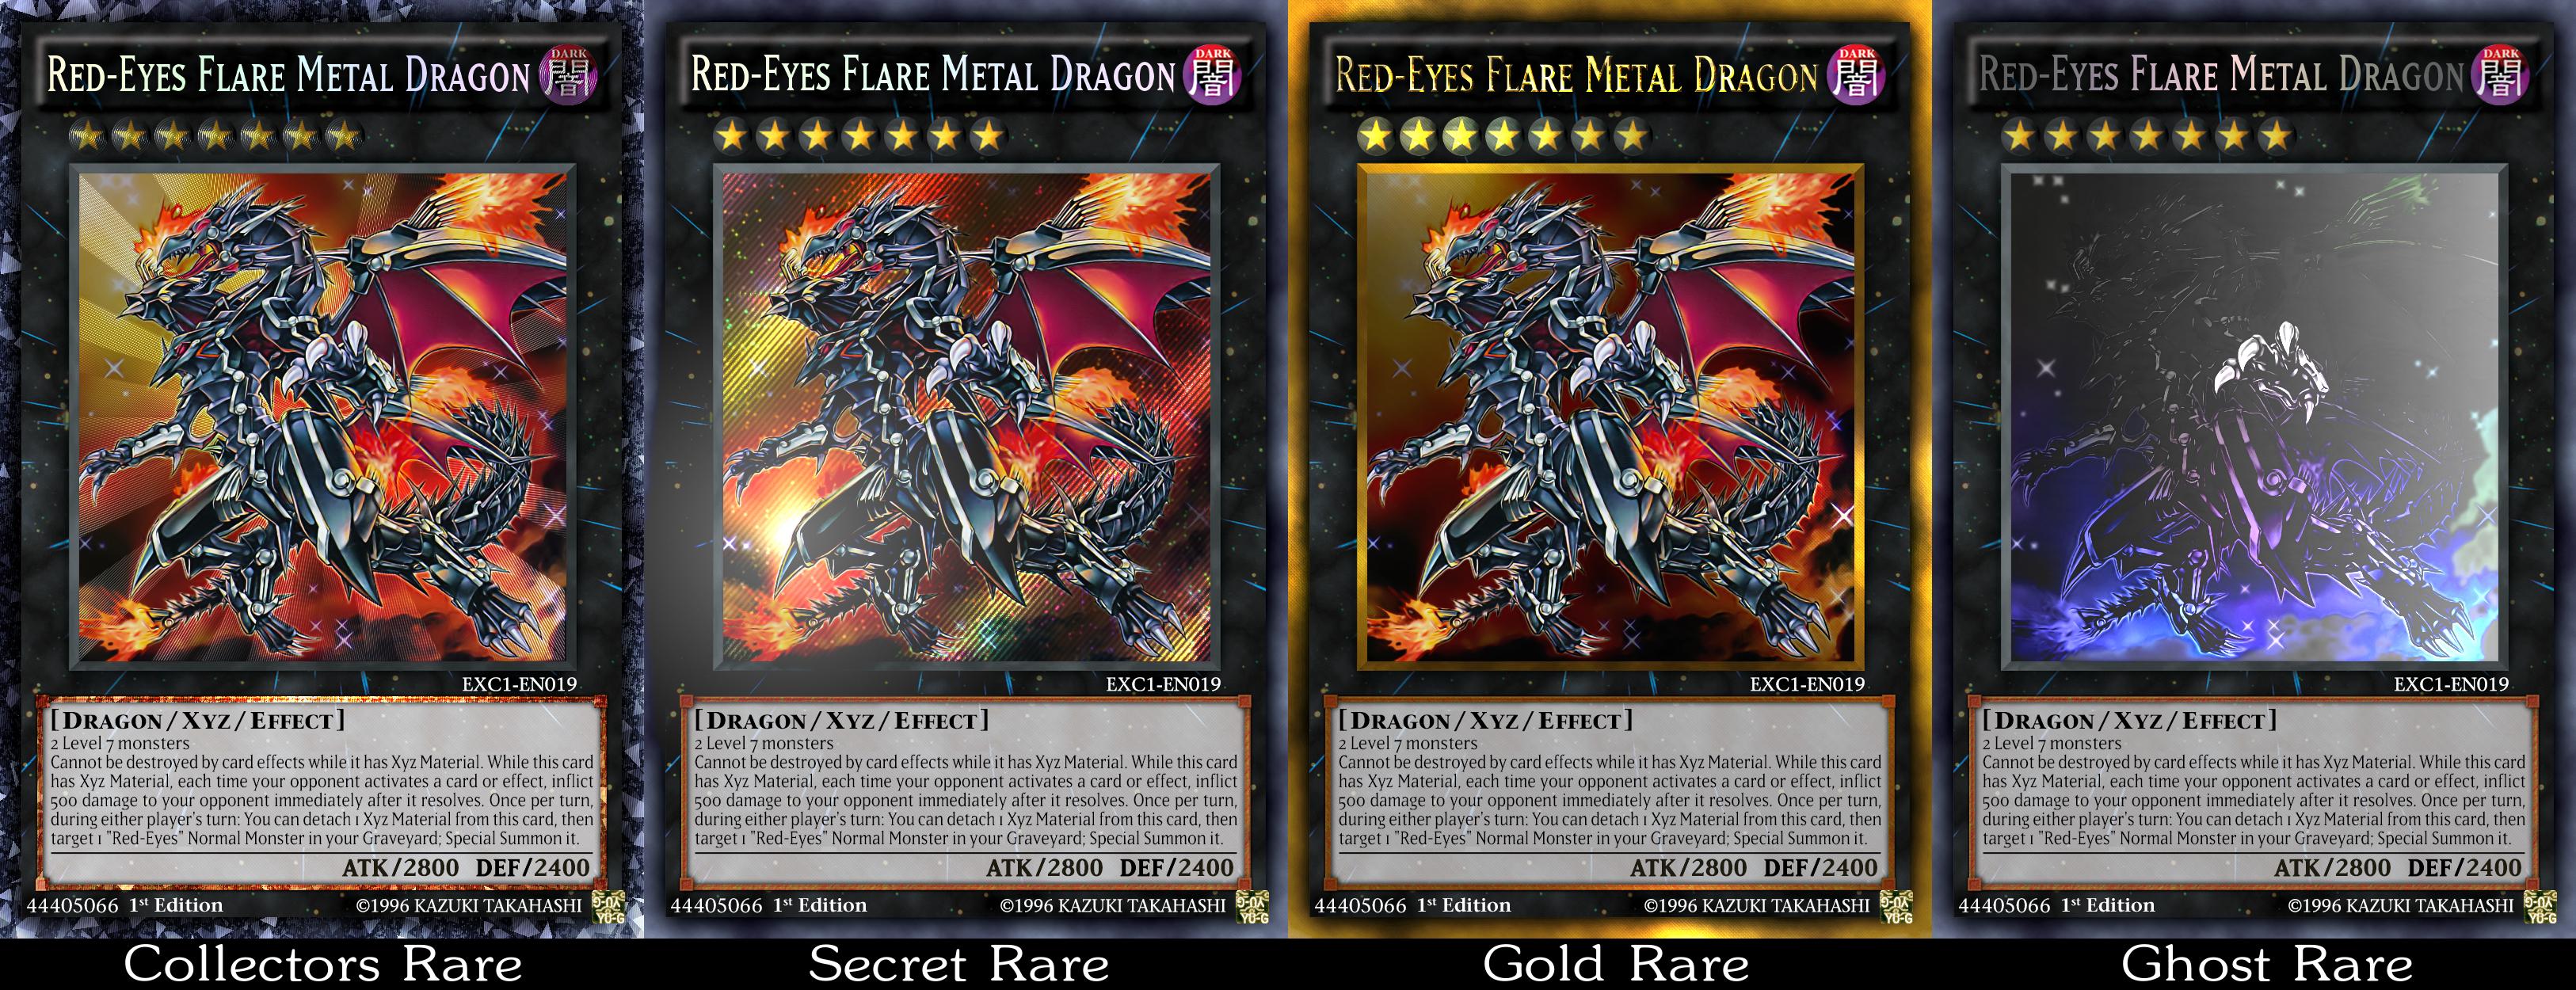 red eyes darkness metal dragon deck instadeck us